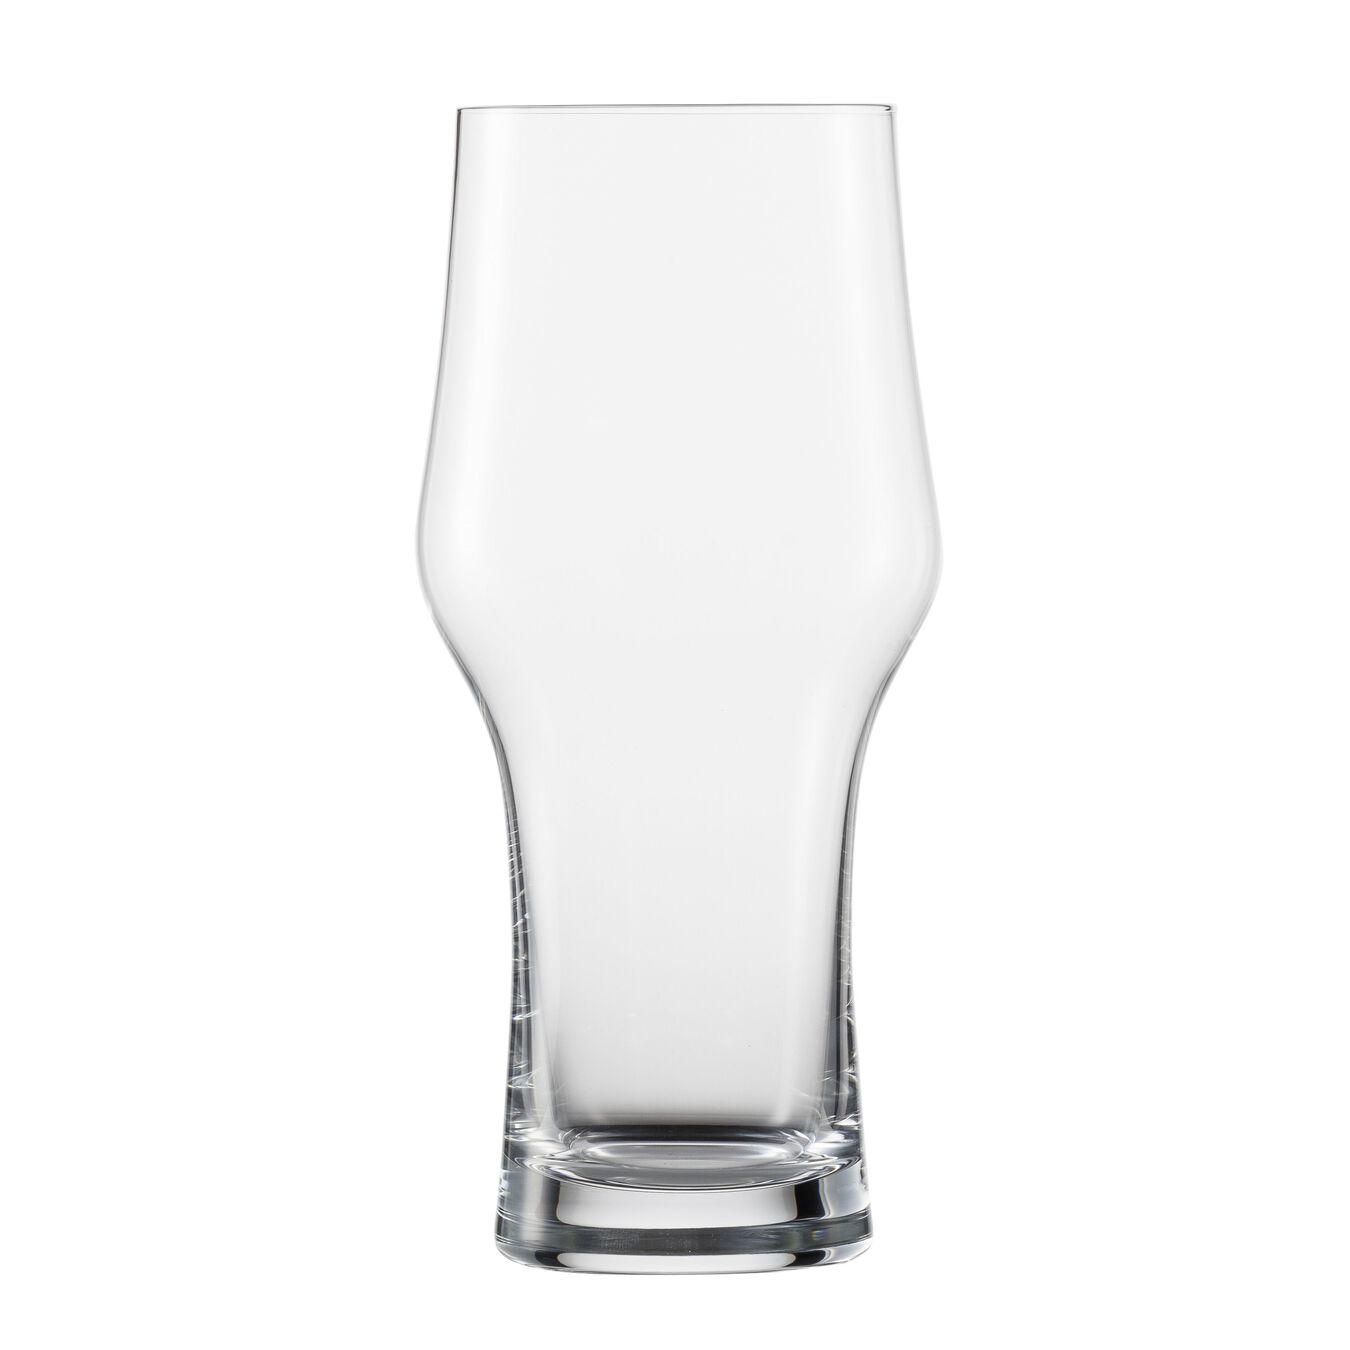 Bira Bardağı, 540 ml,,large 1